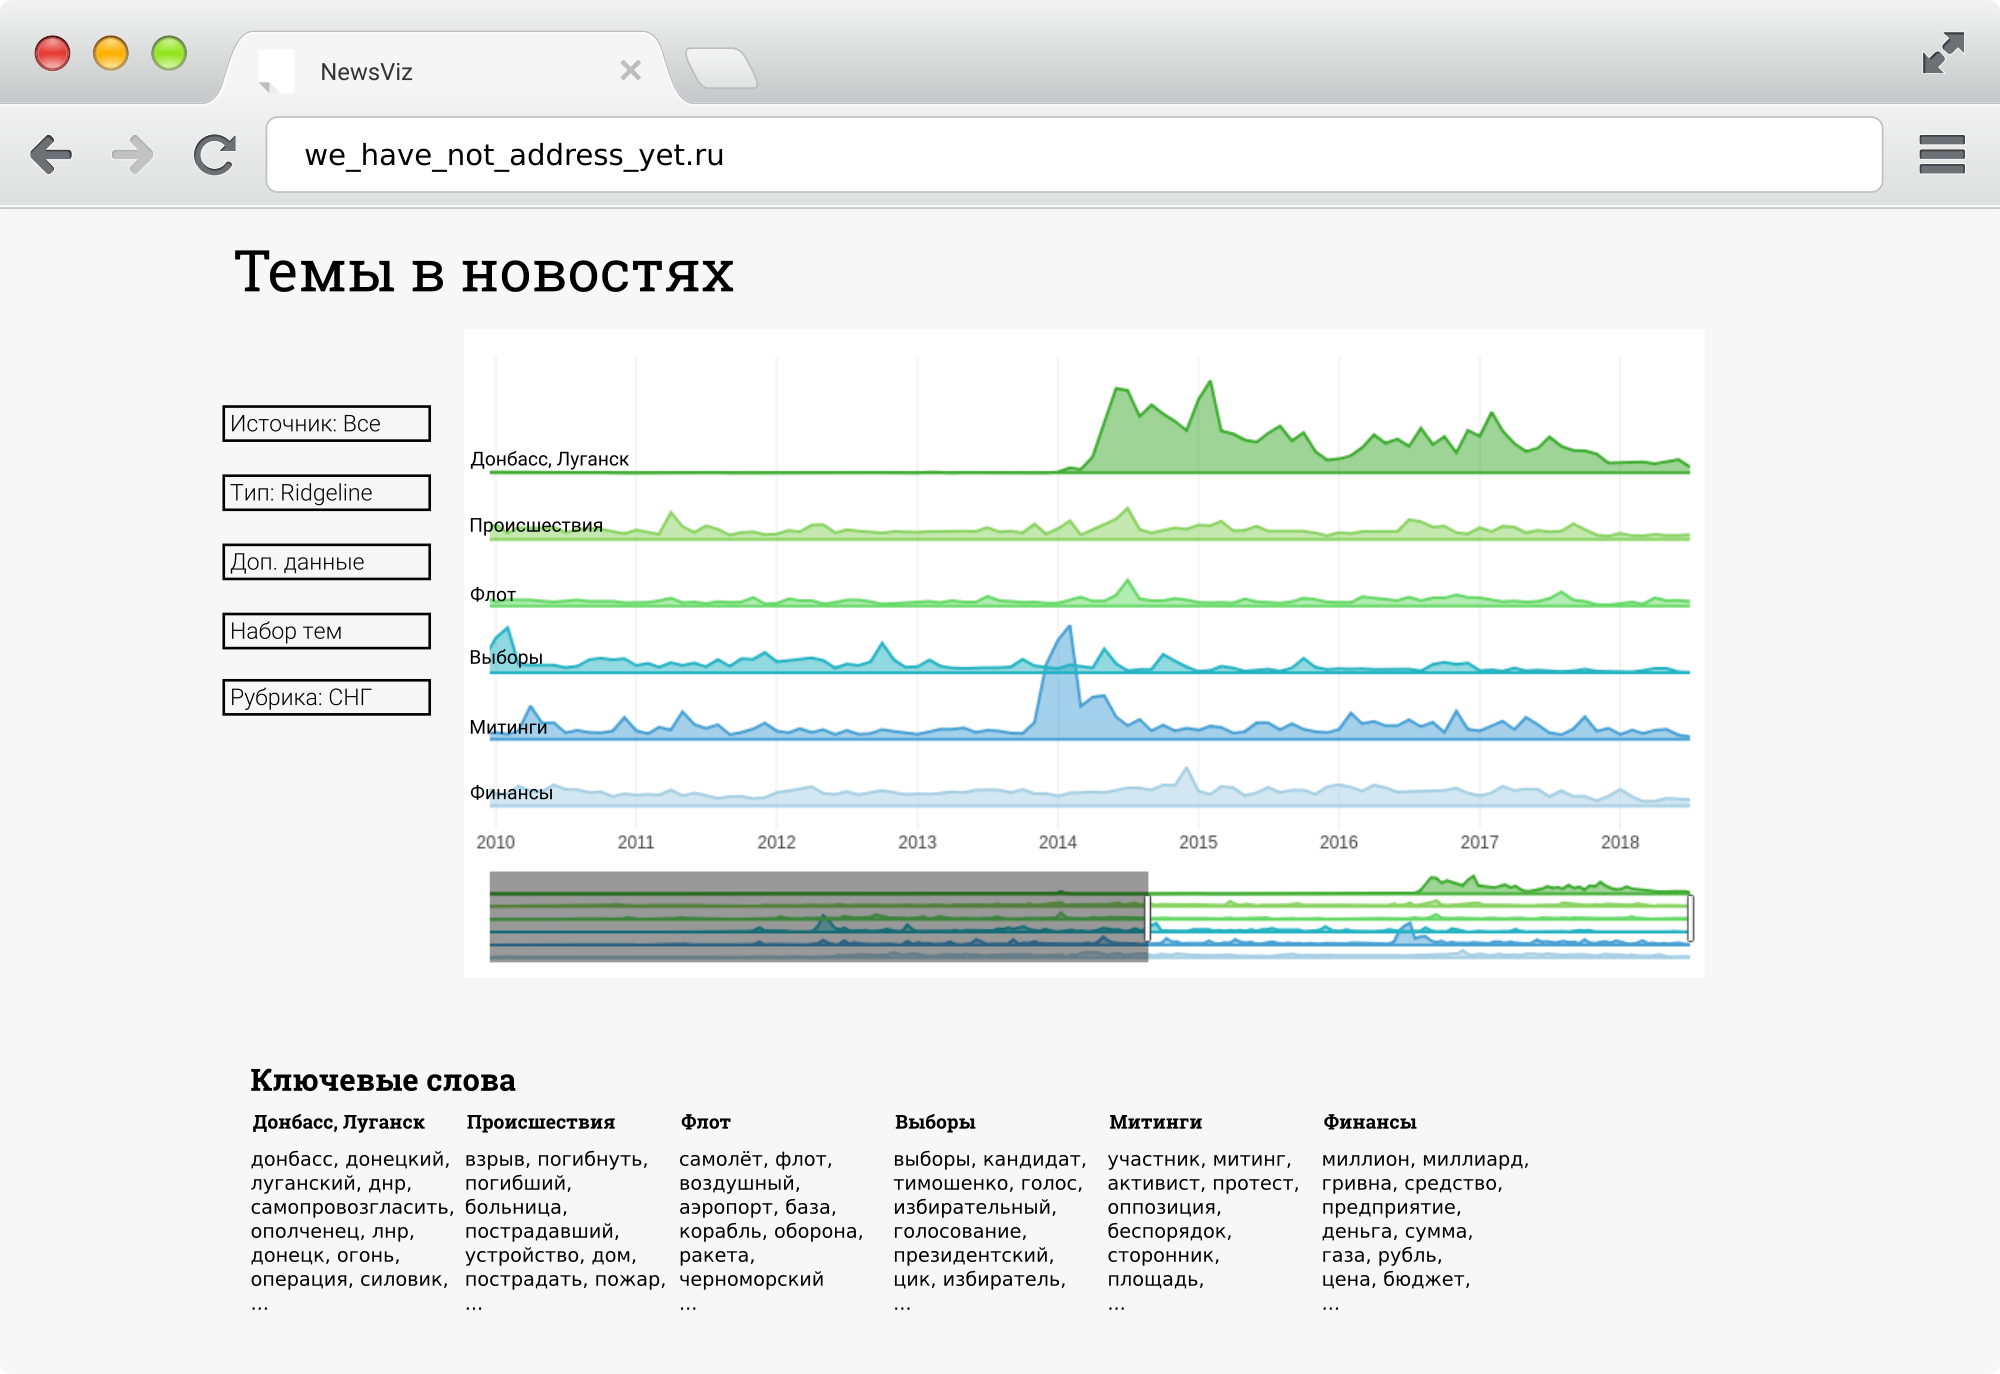 Визуализация новостей рунета - 2